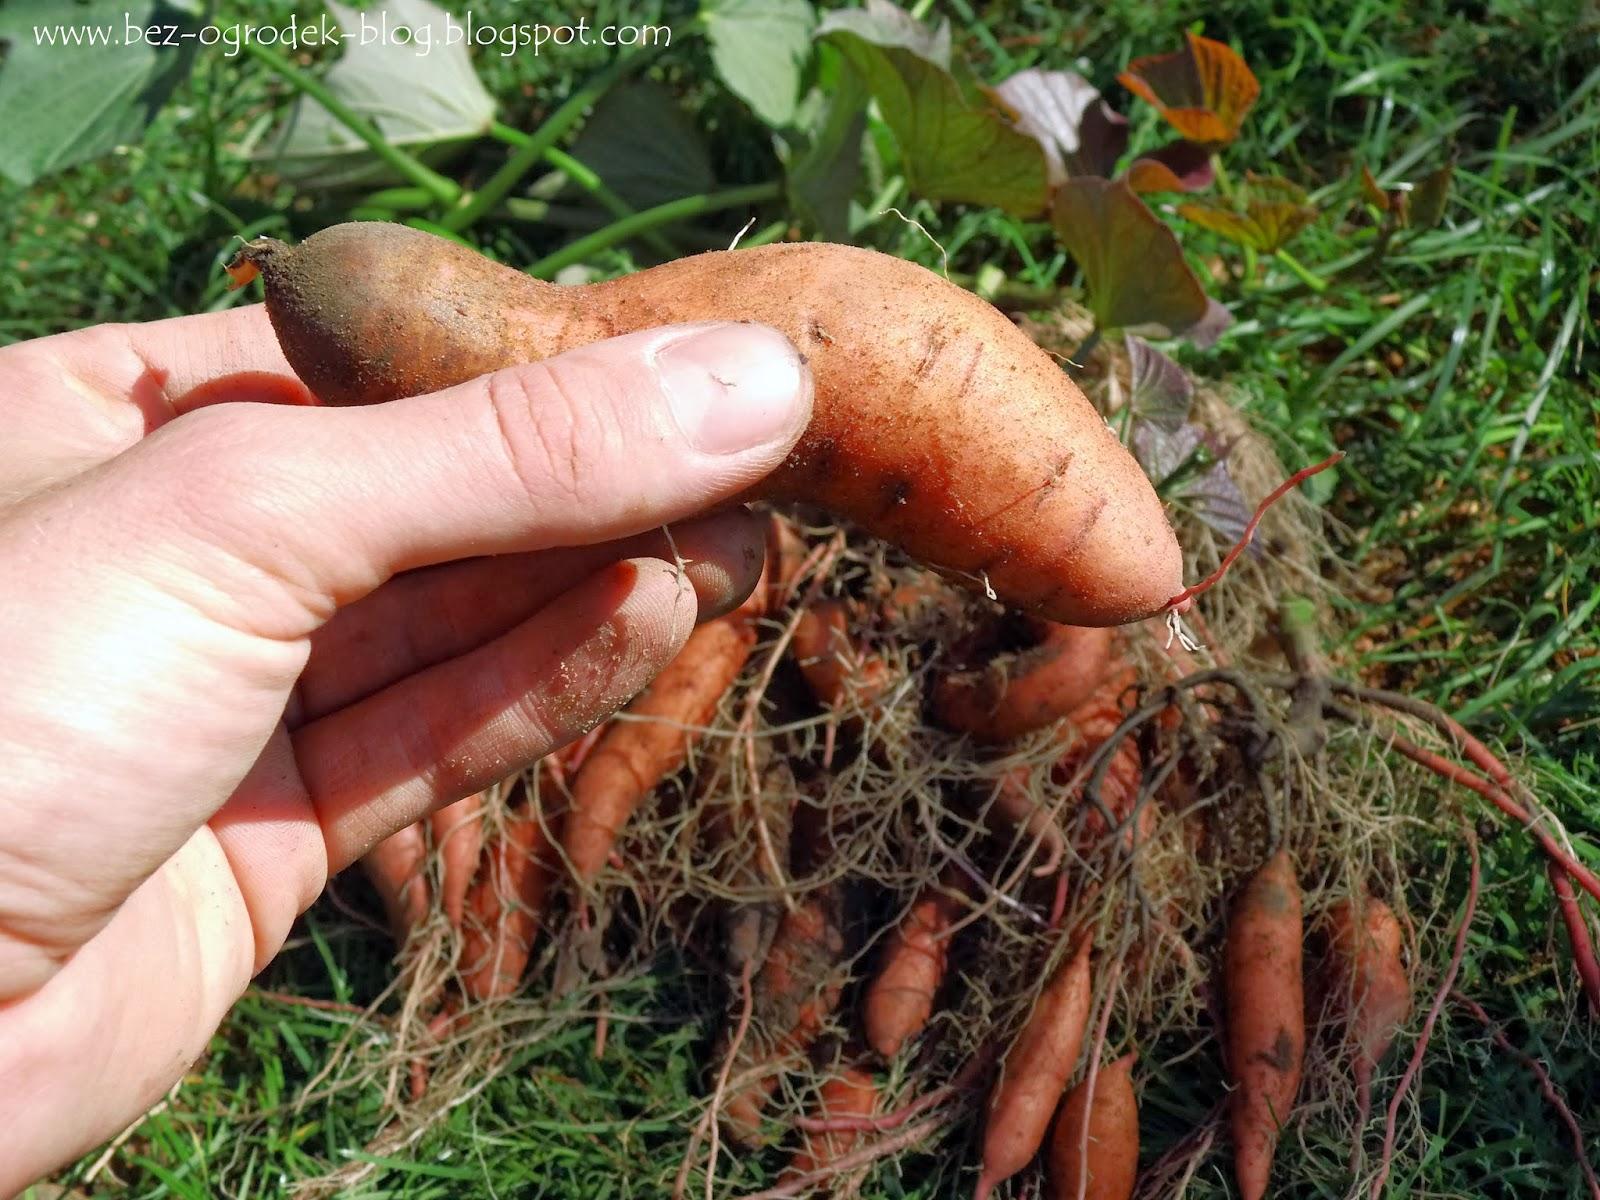 słodki ziemniak czyli wilec ziemniaczany lub patat